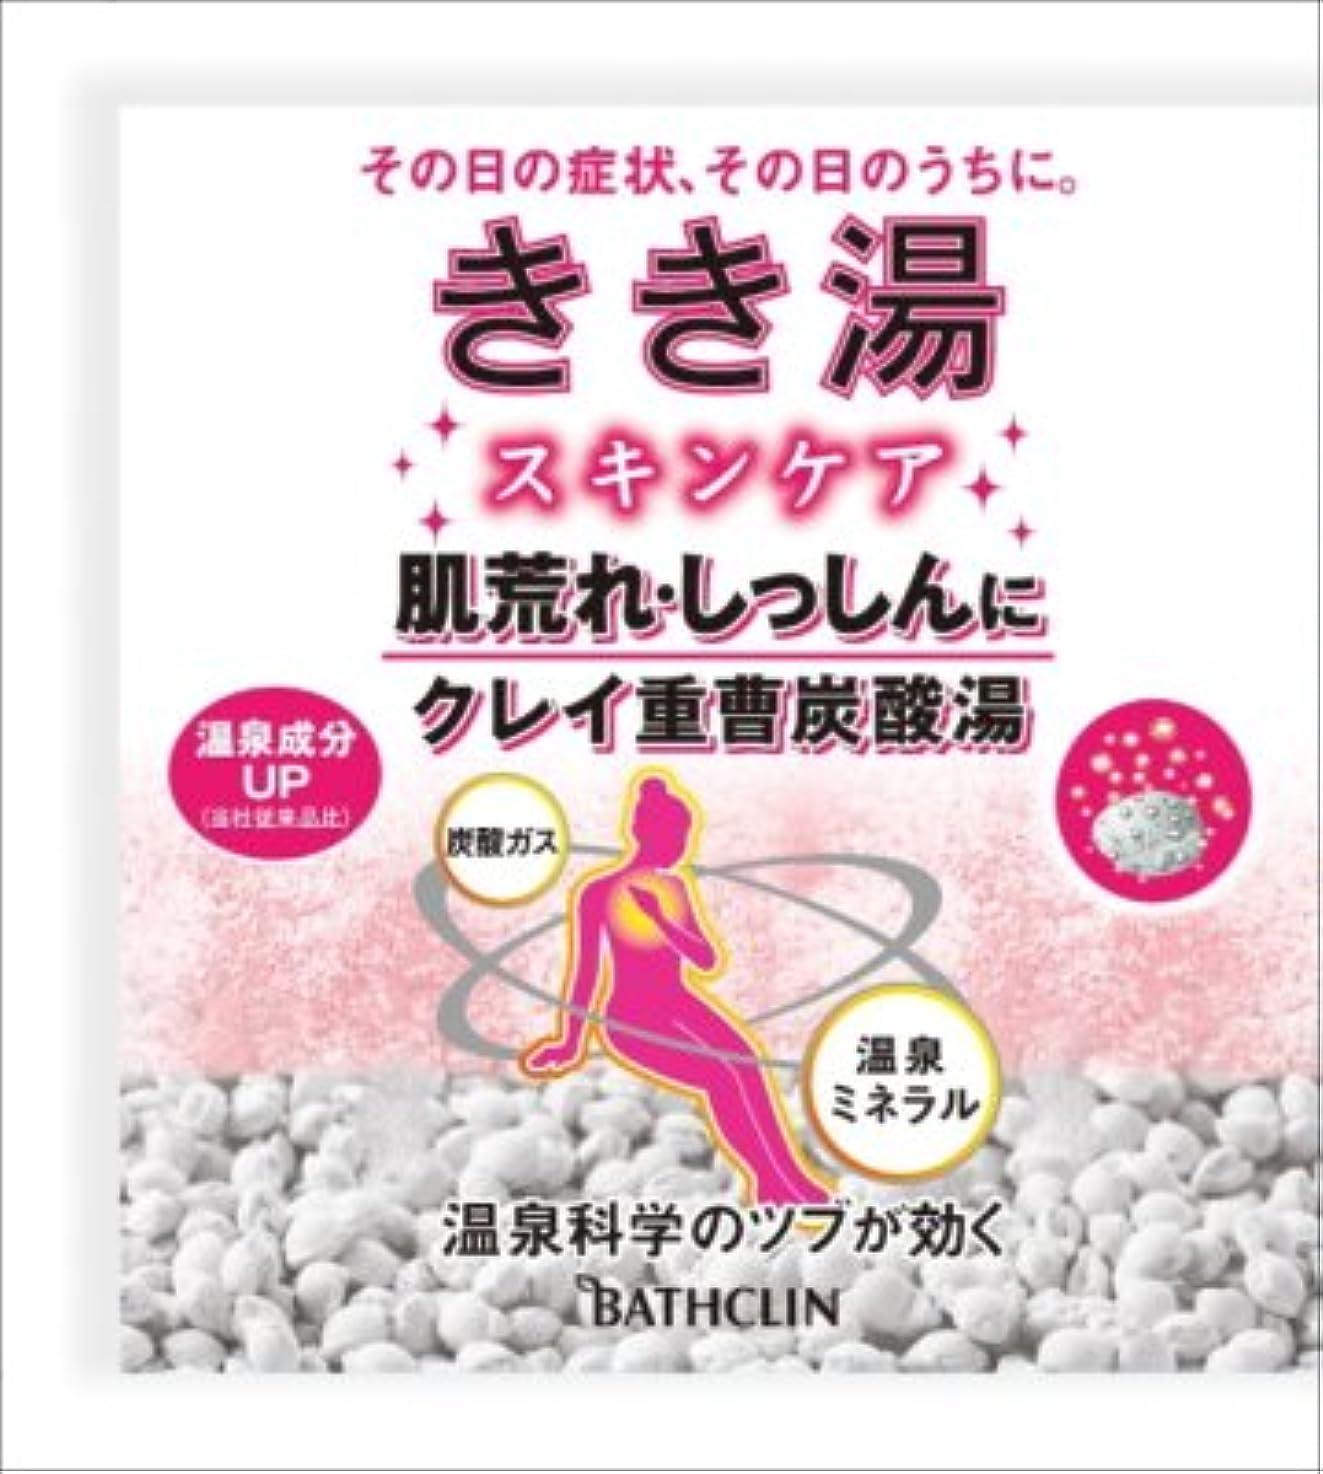 バスクリン きき湯 クレイ重曹炭酸湯 30g(入浴剤)×120個セット 乳白色のお湯(にごりタイプ) 気分ゆったり湯煙りの香り